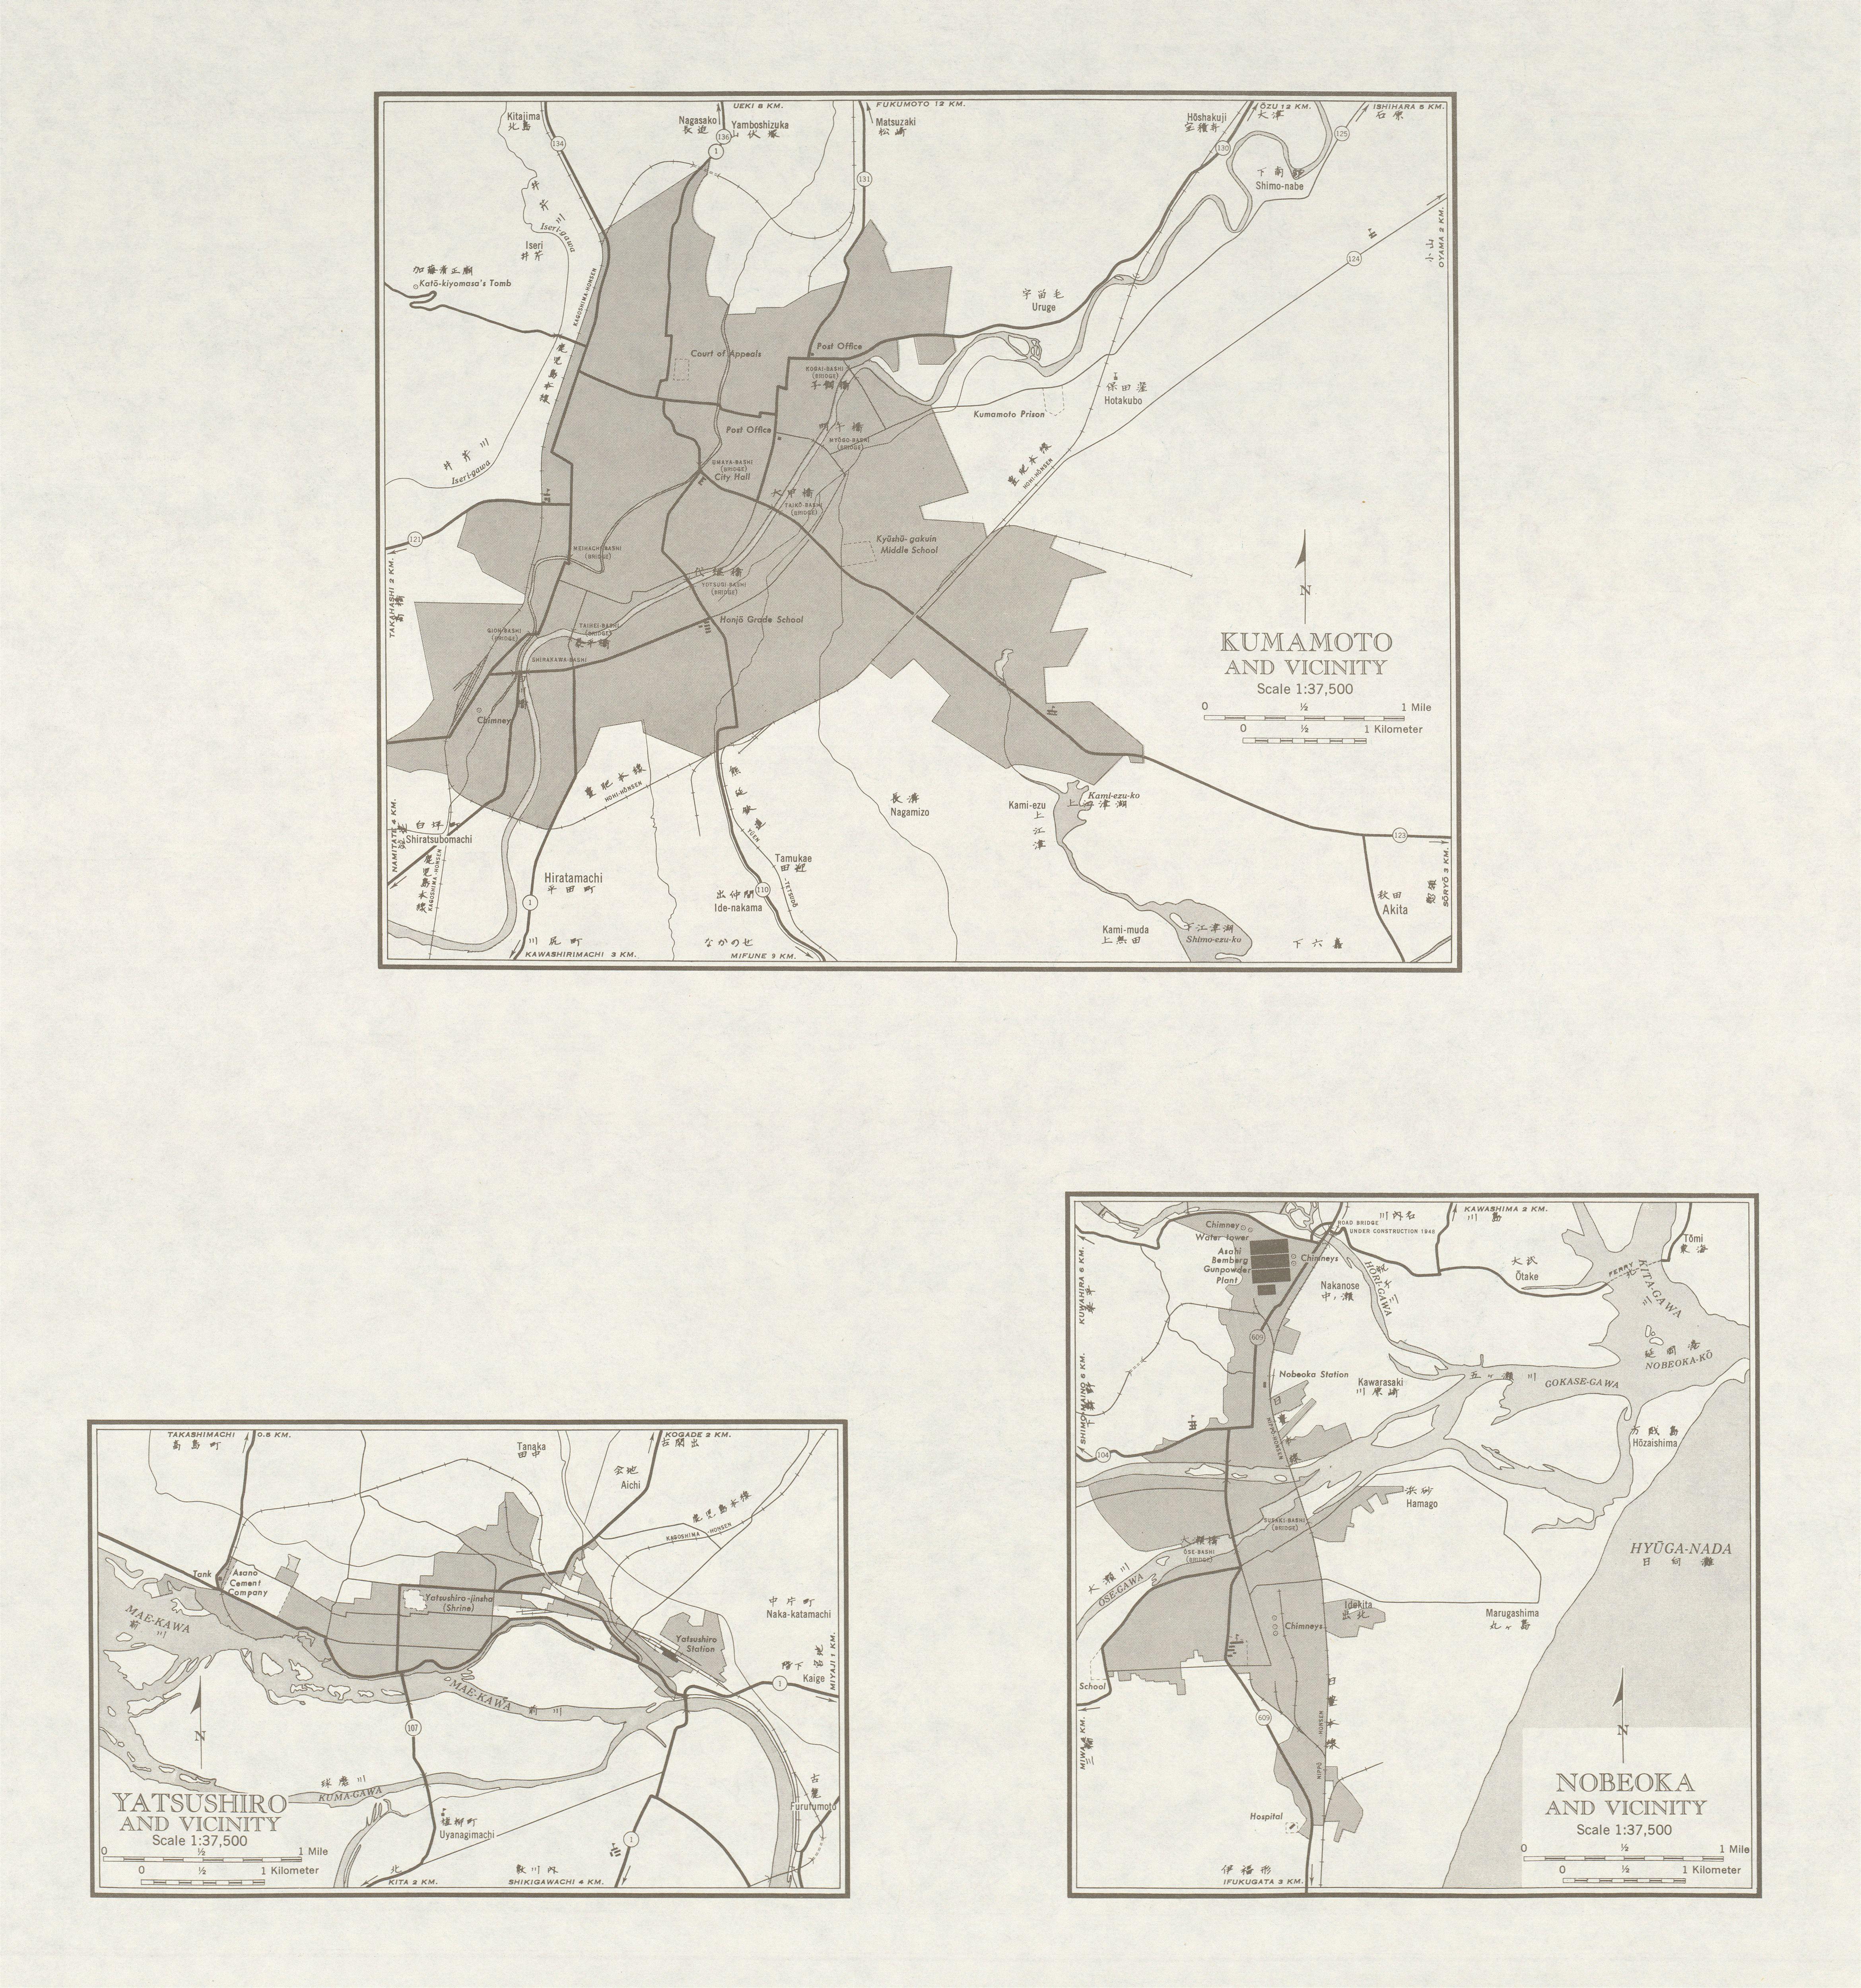 Mapas de Kumamoto, Yatsushiro, Nobeoka y sus Cercanias, Japón 1954